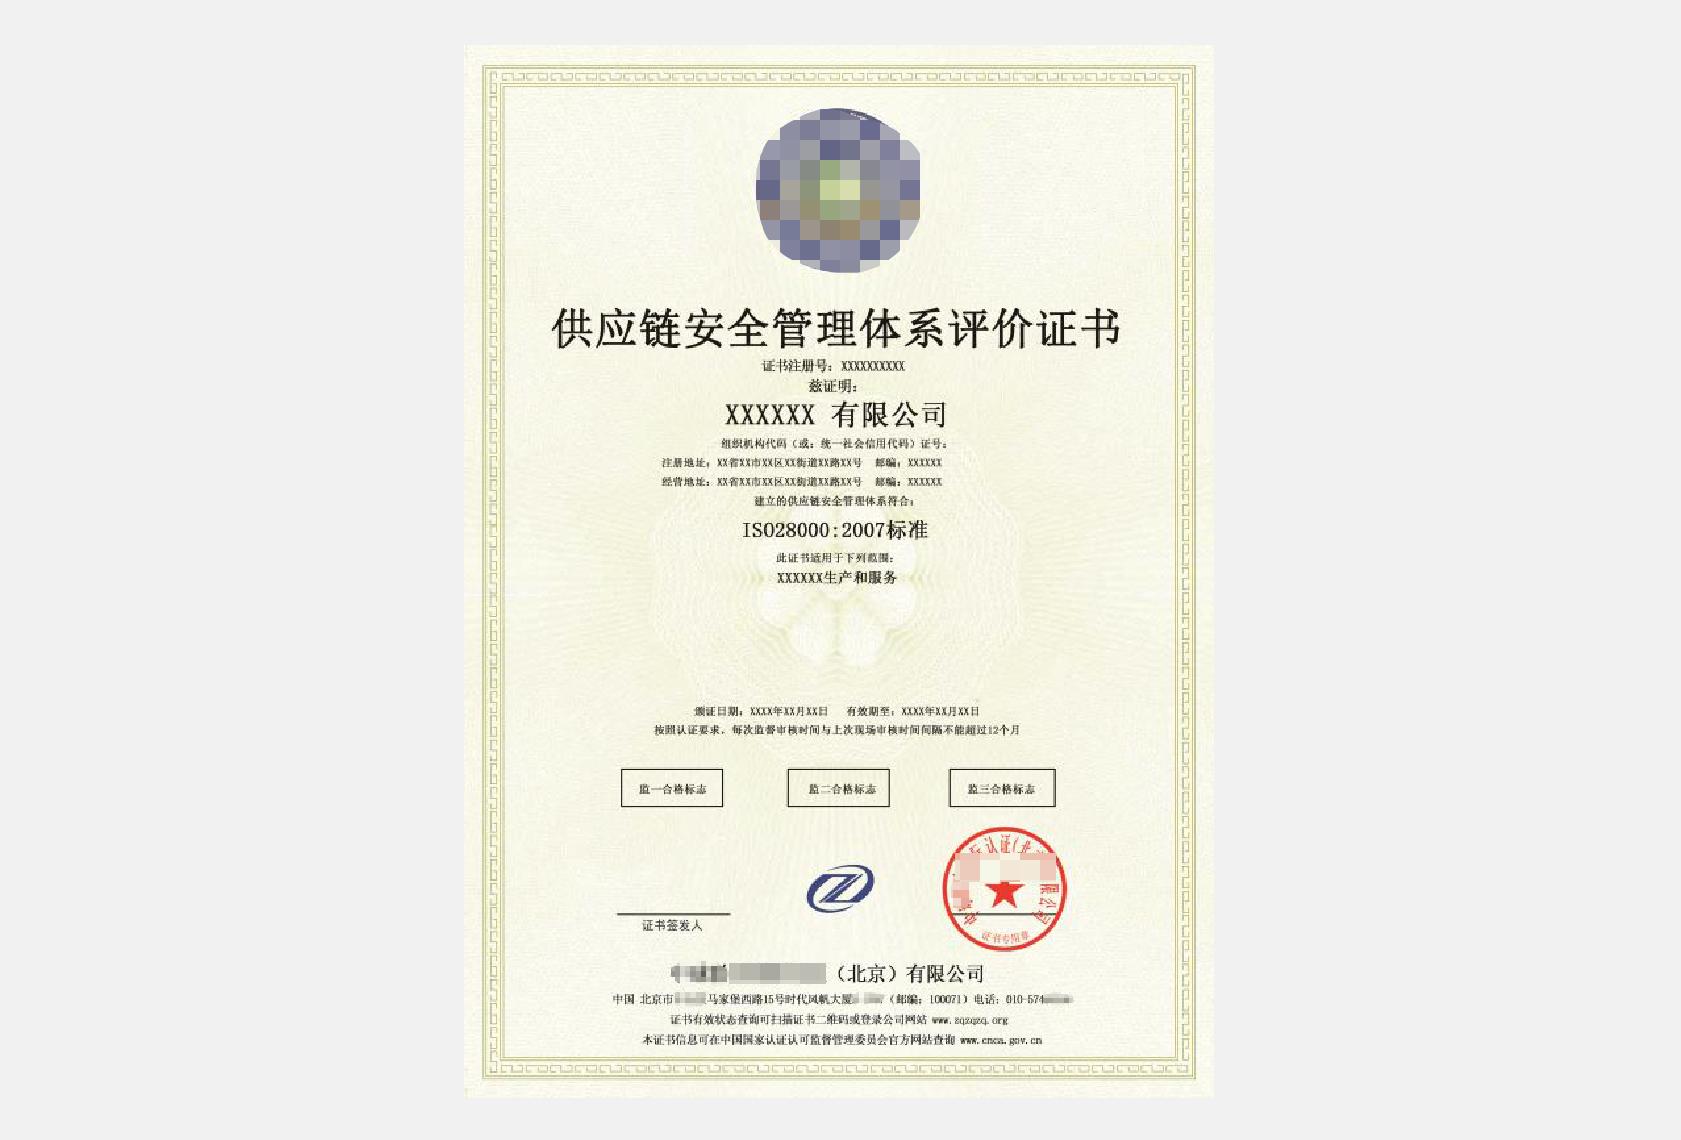 ISO28000 供应链管理体系证书